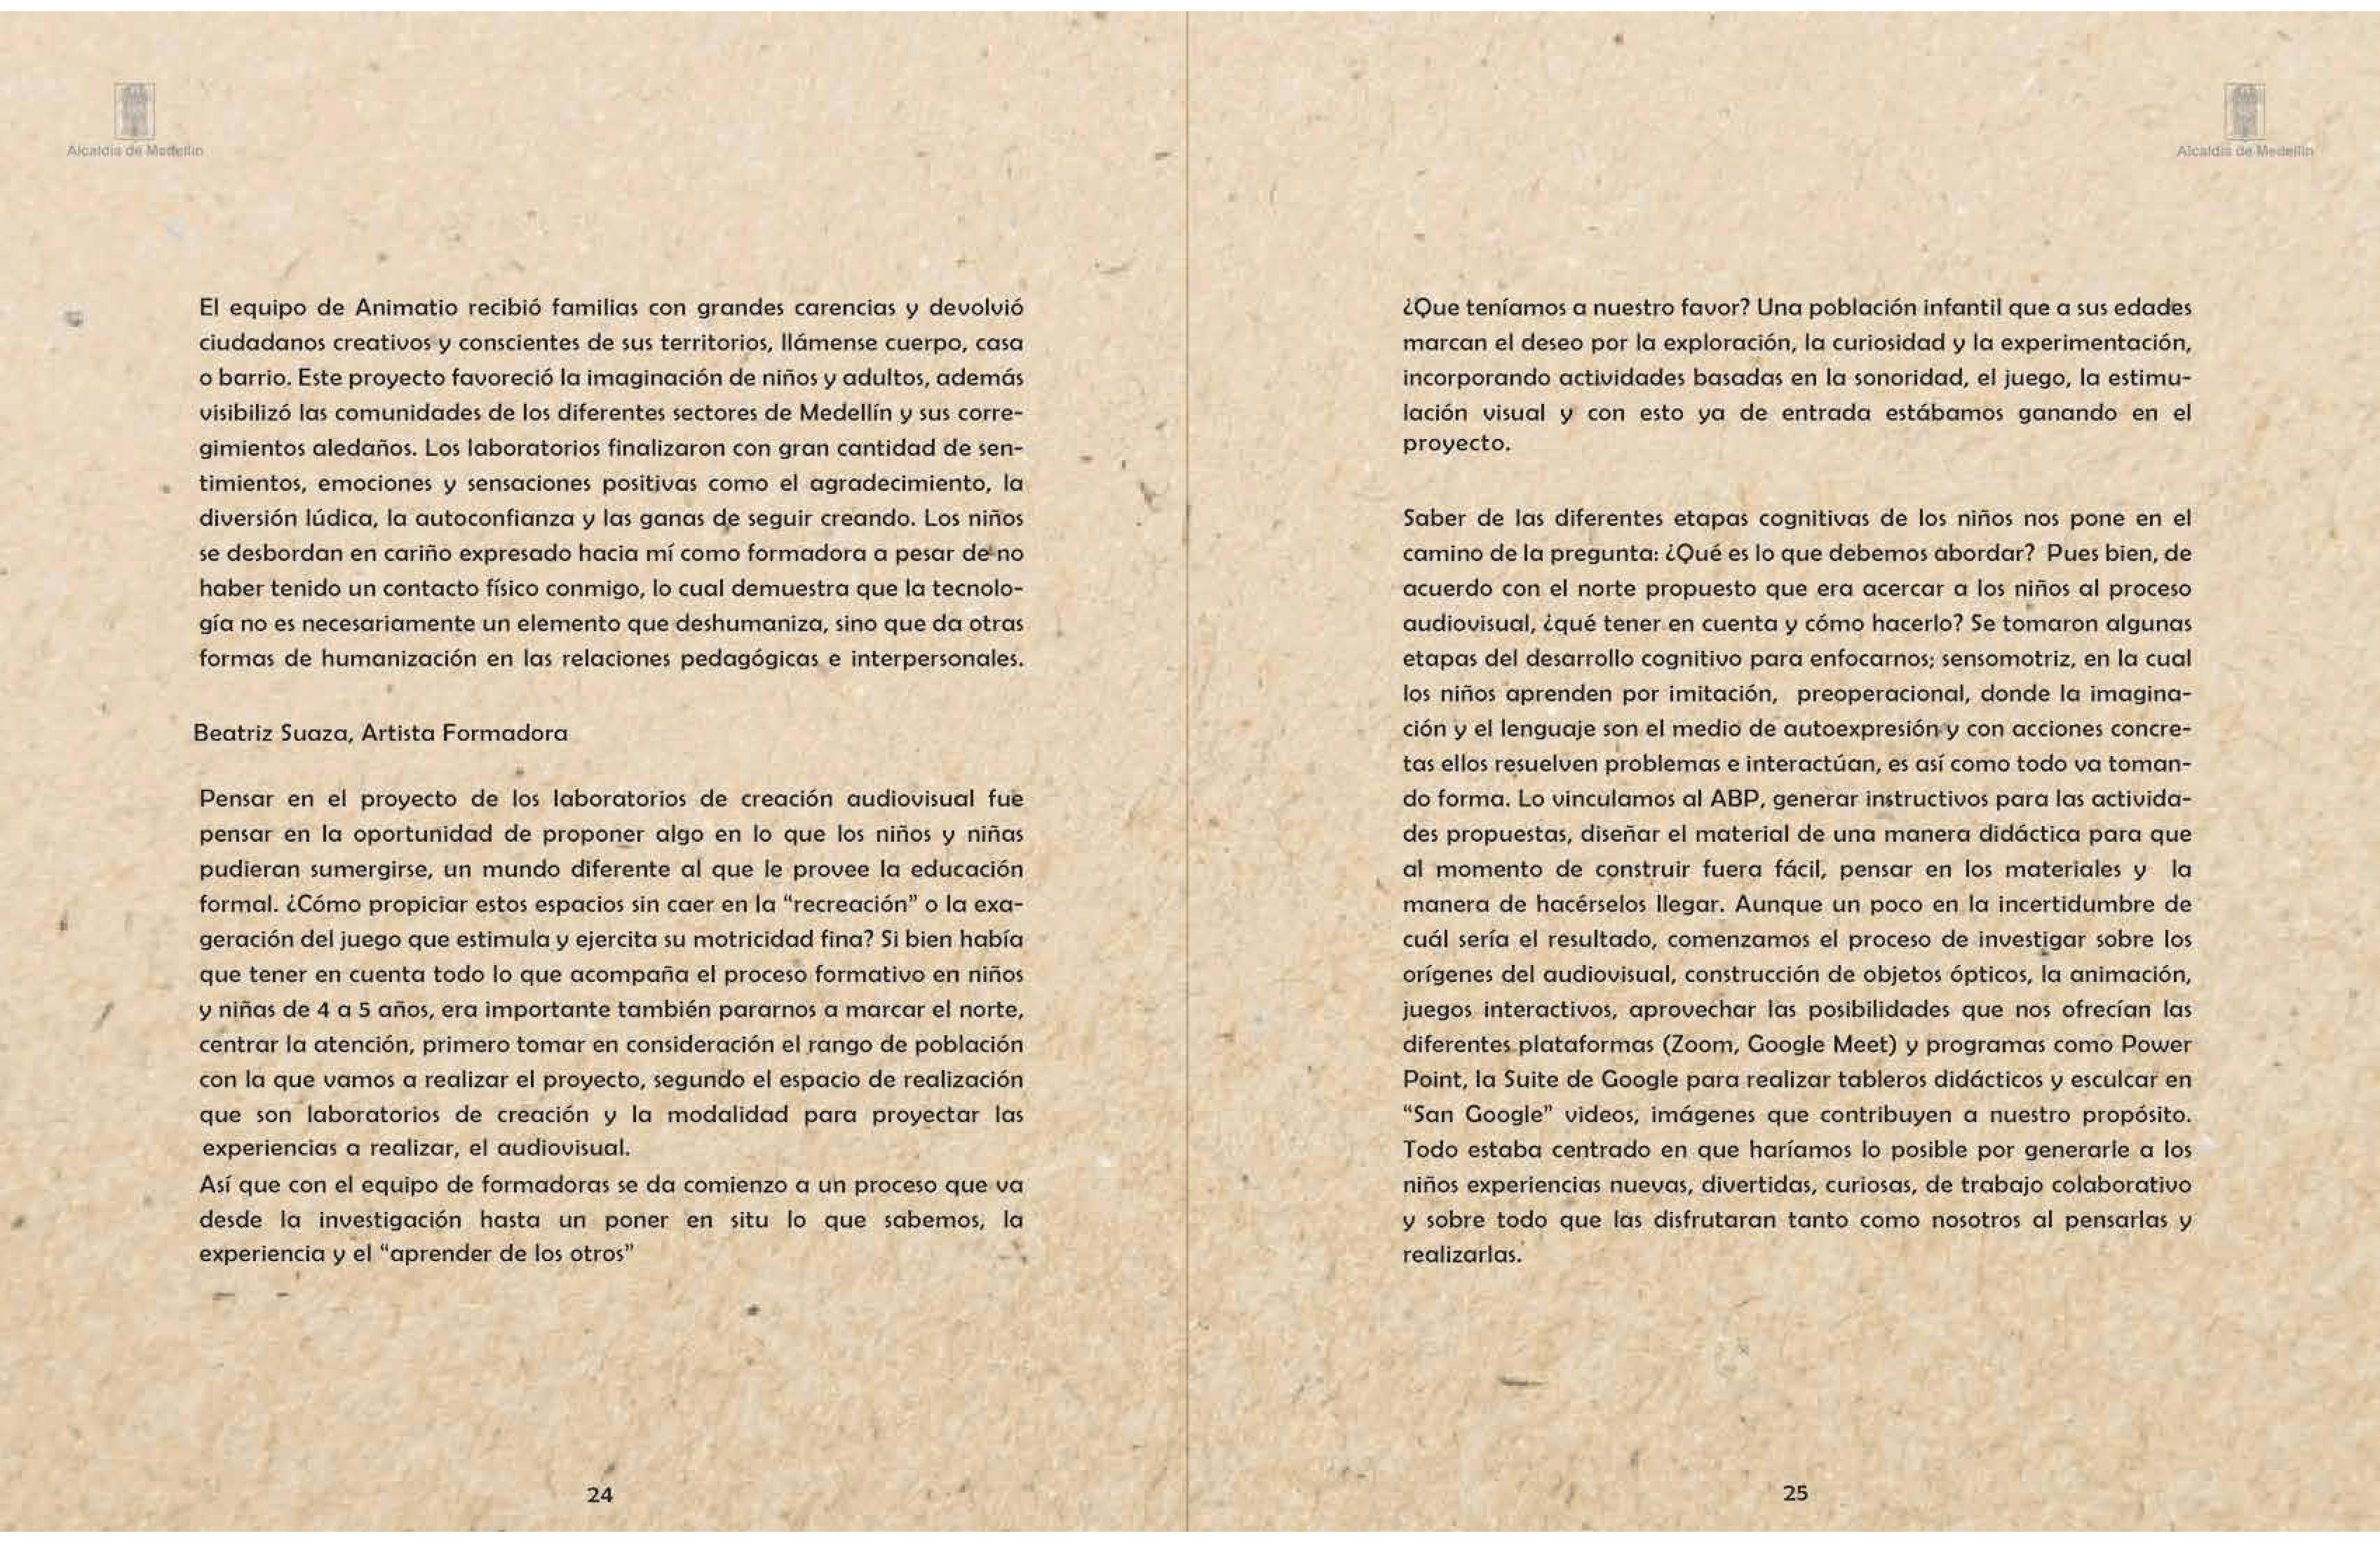 libro Animatio-páginas-15